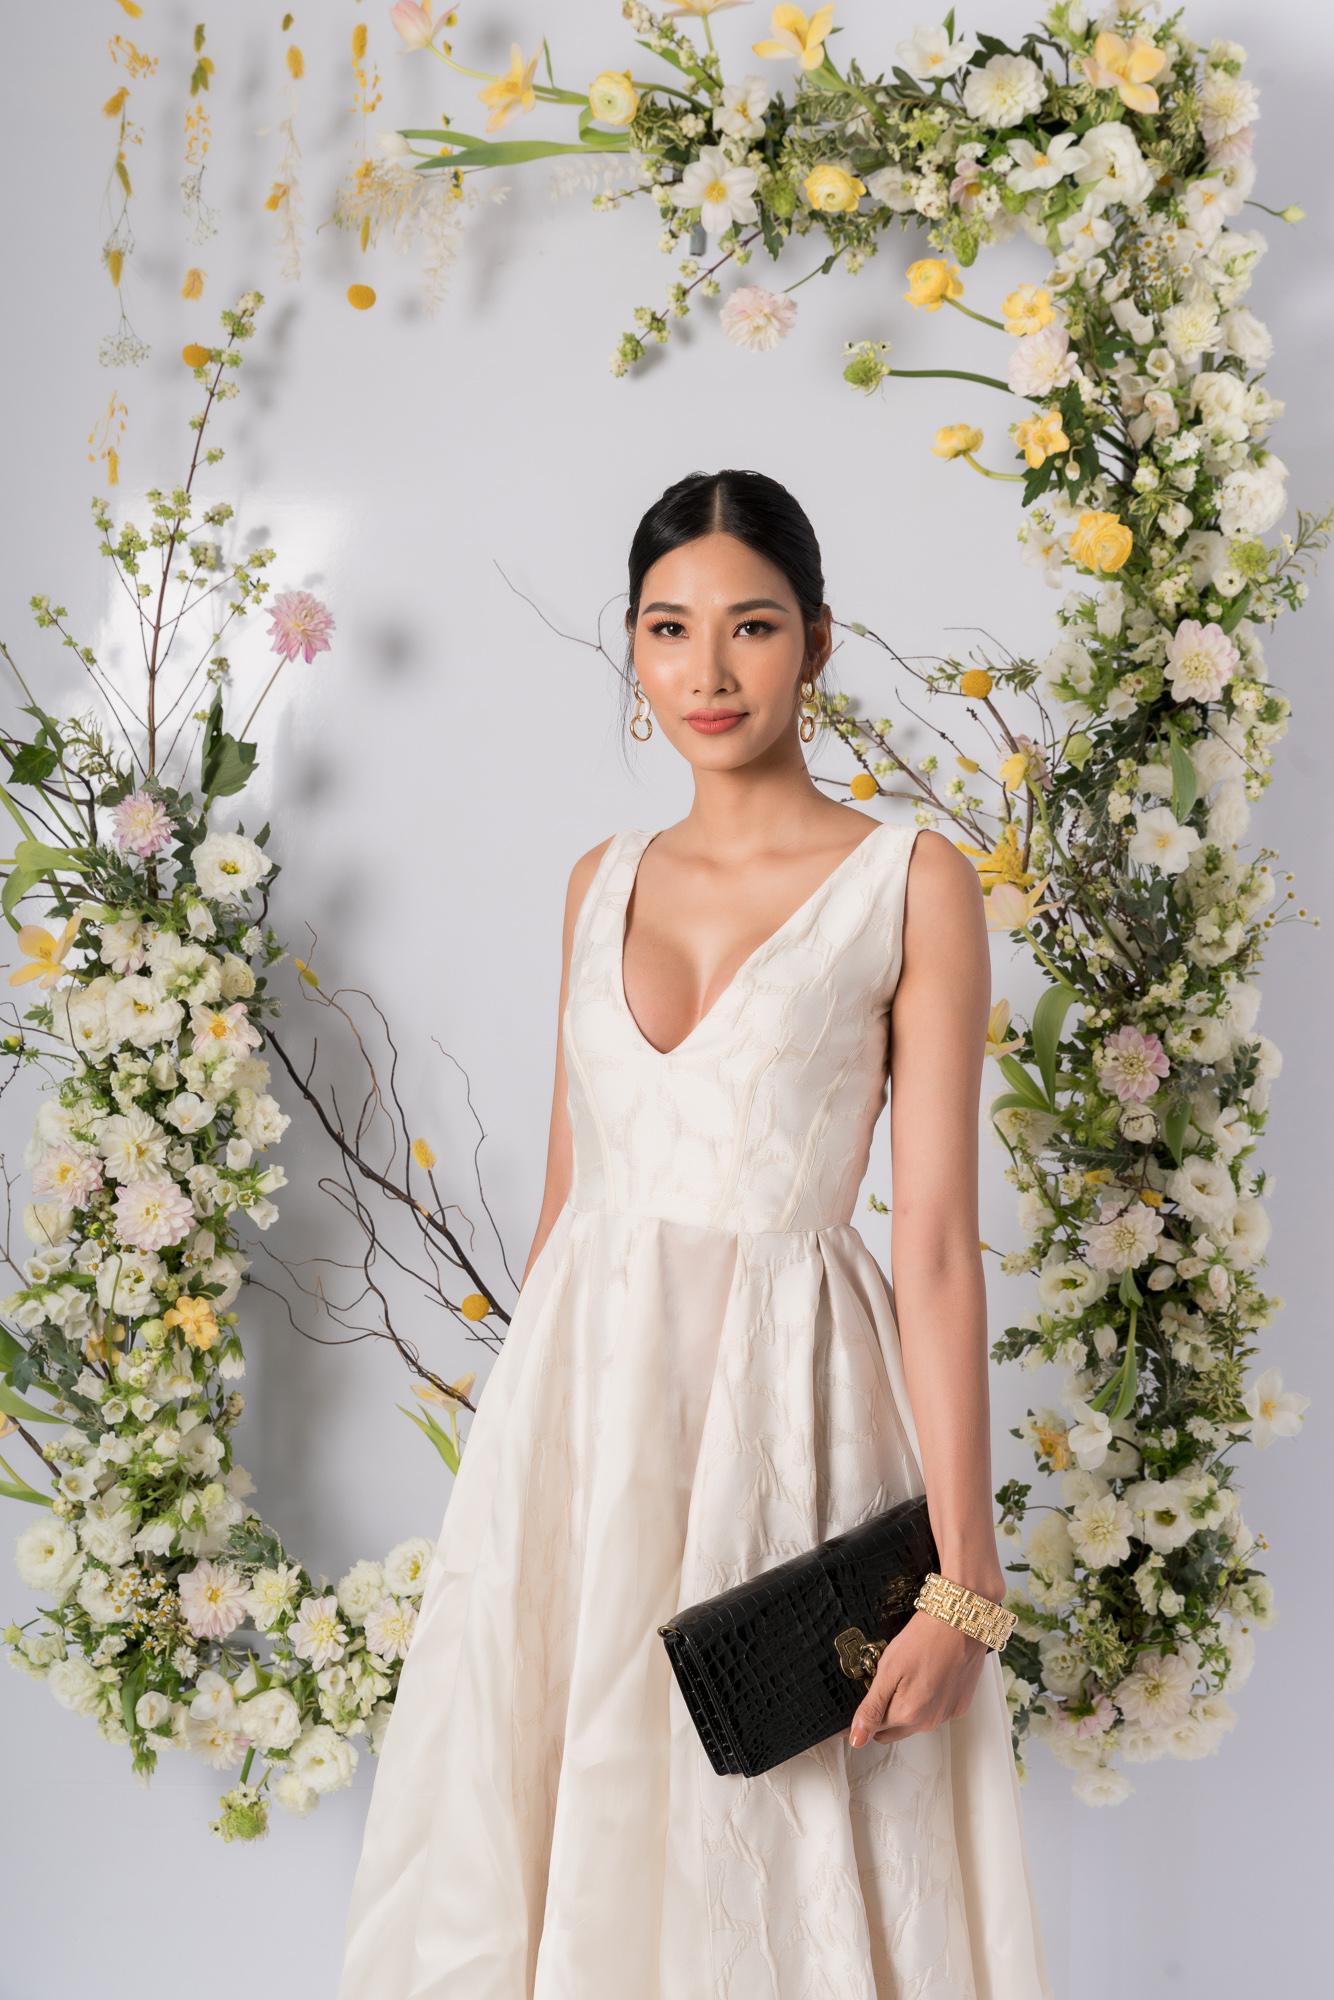 Nhã Phương, H'Hen Niê, Đỗ Mỹ Linh cùng khoe dáng với váy cưới - Ảnh 10